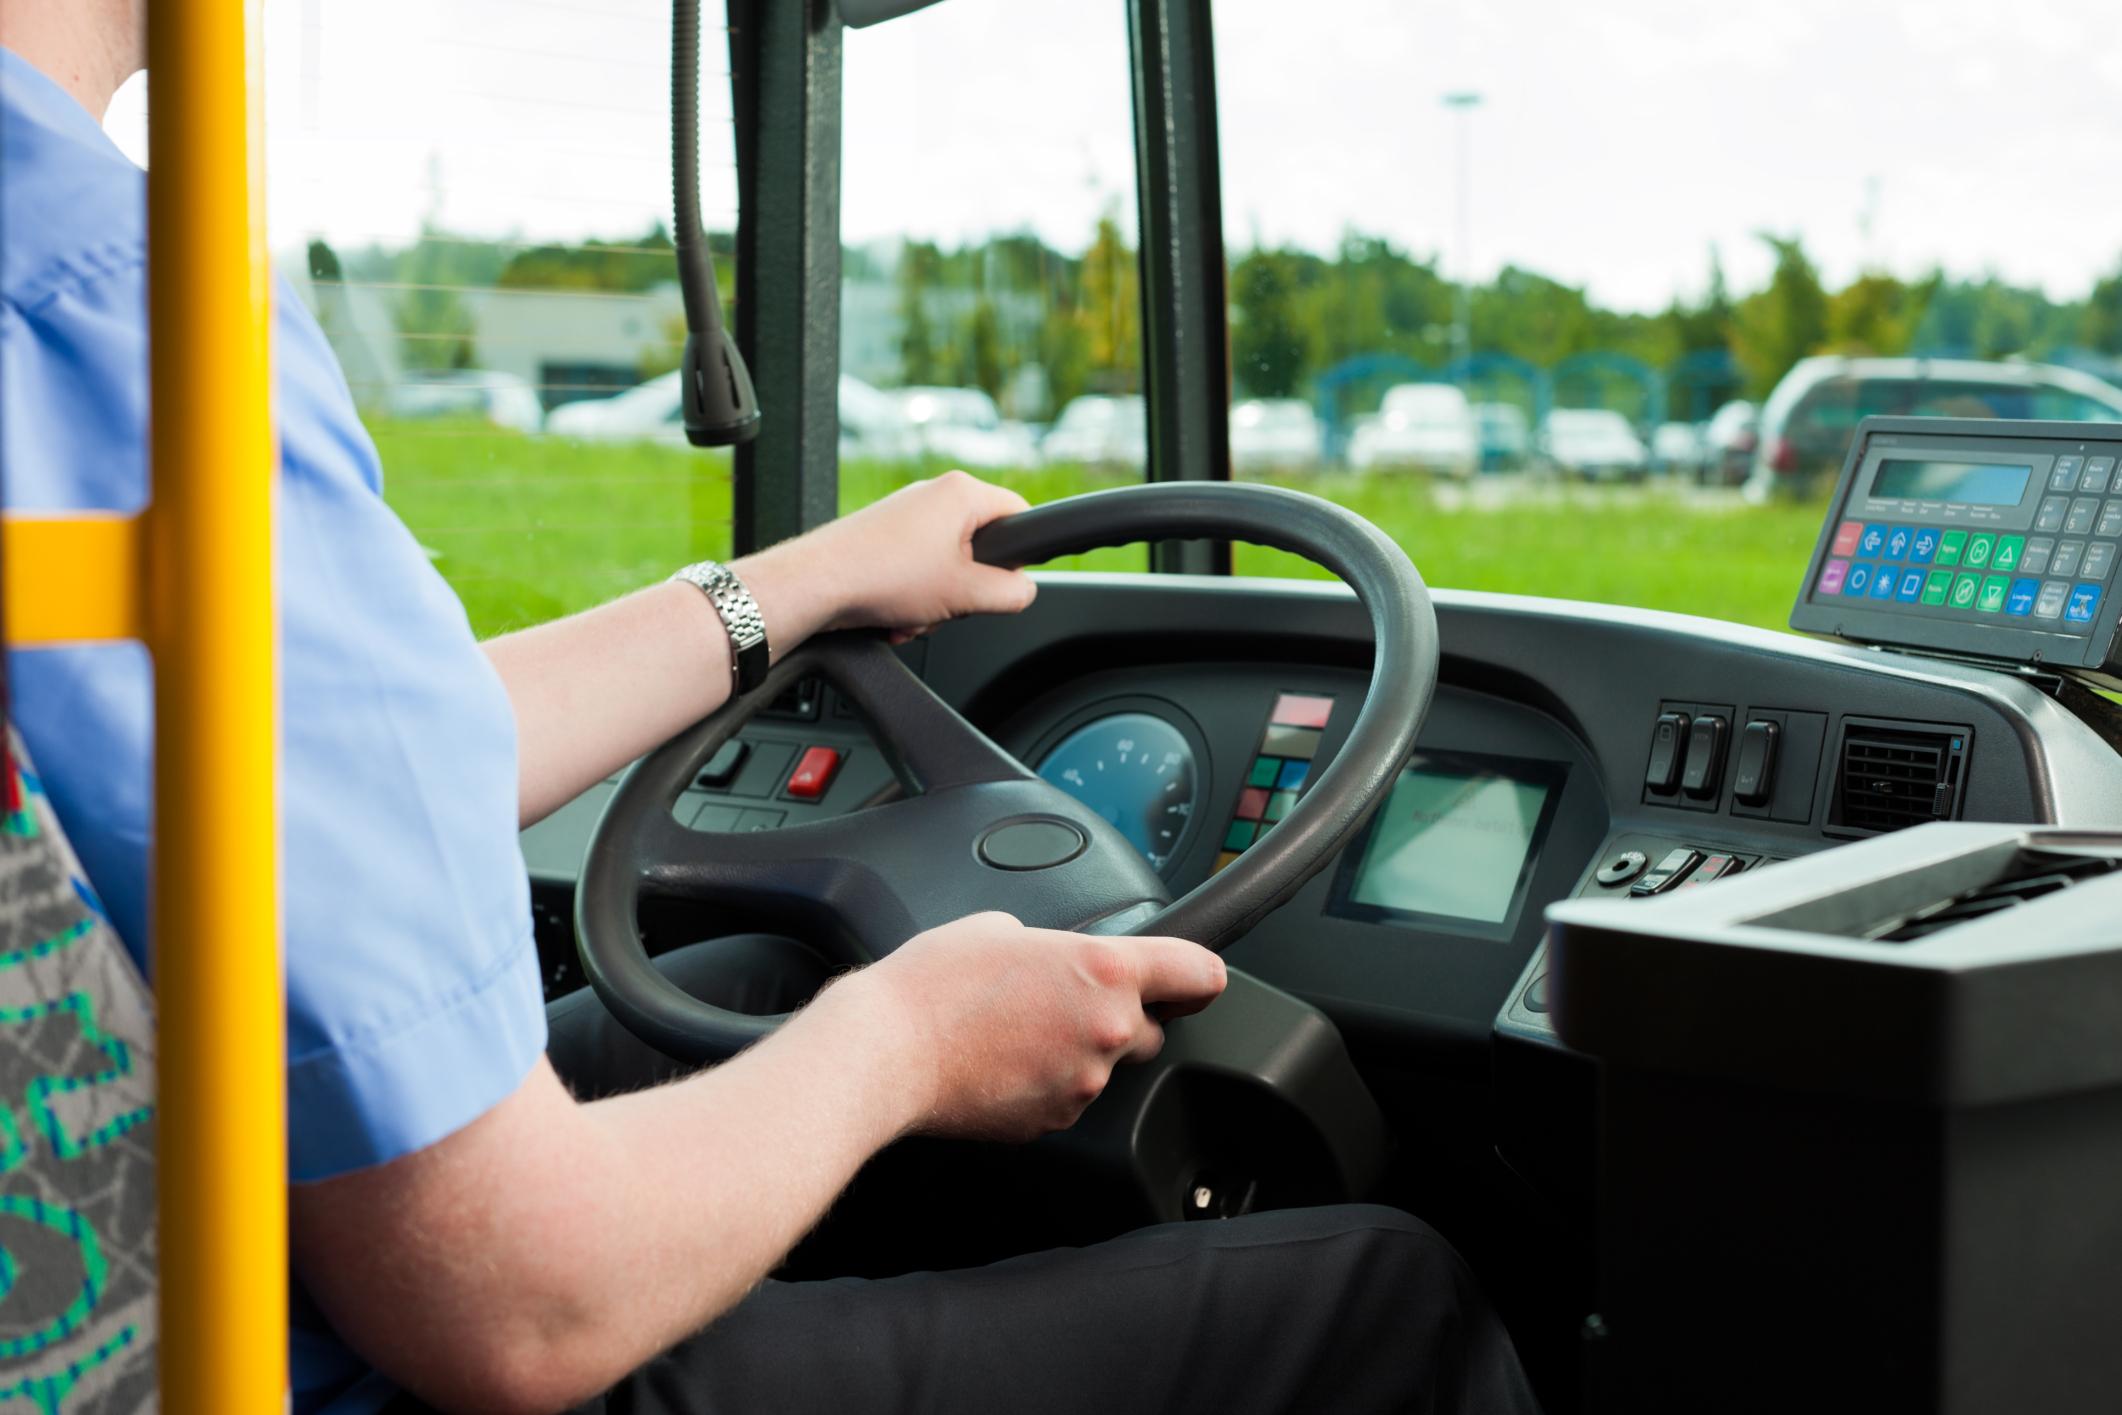 За бдительностью водителей общественного транспорта начнут следить камеры видеонаблюдения